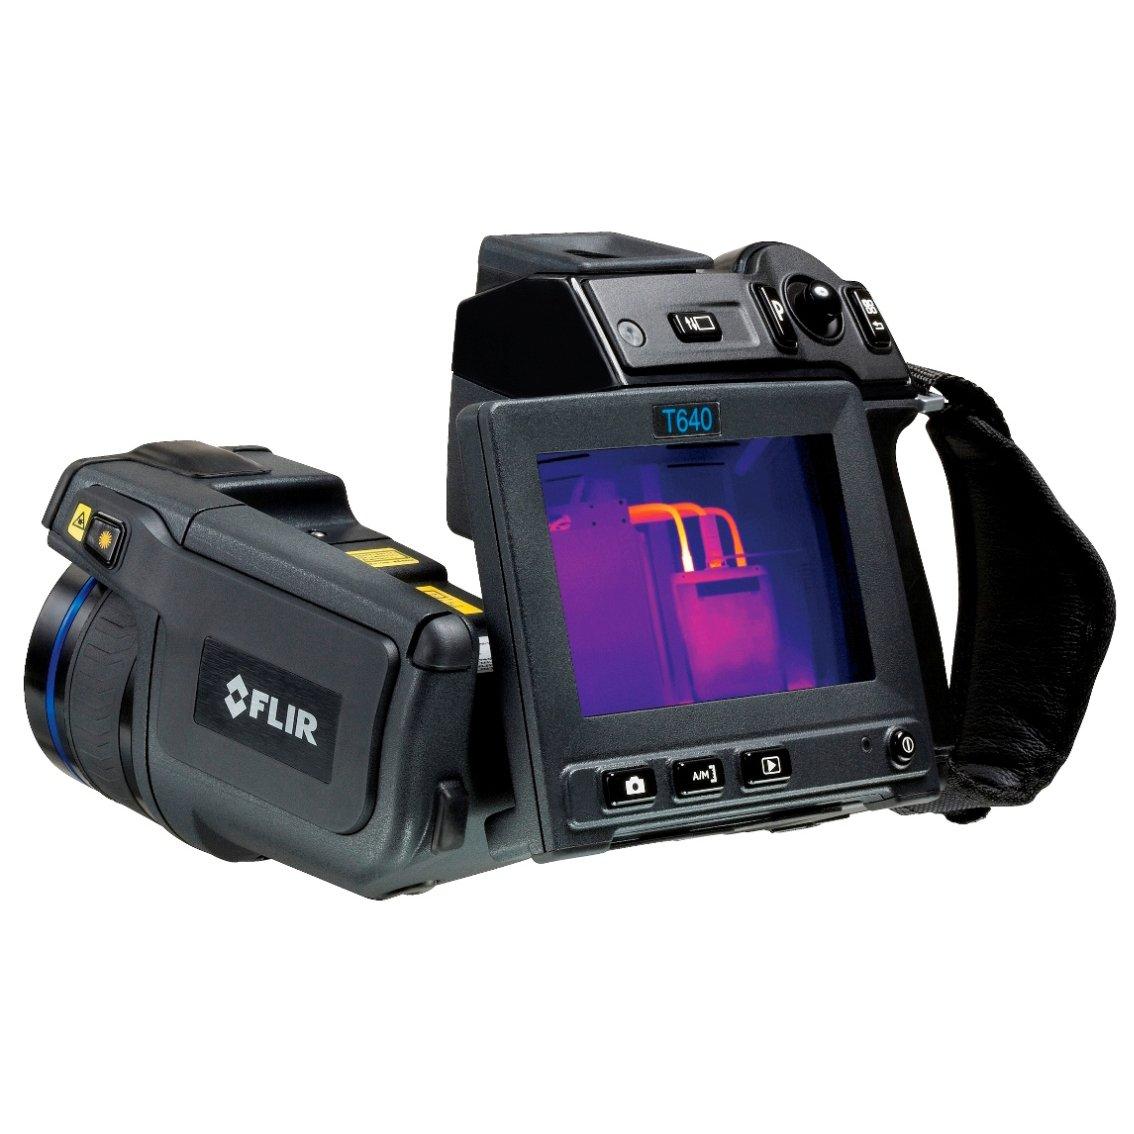 FLIR T640 25° Industrial Thermal Imaging Camera